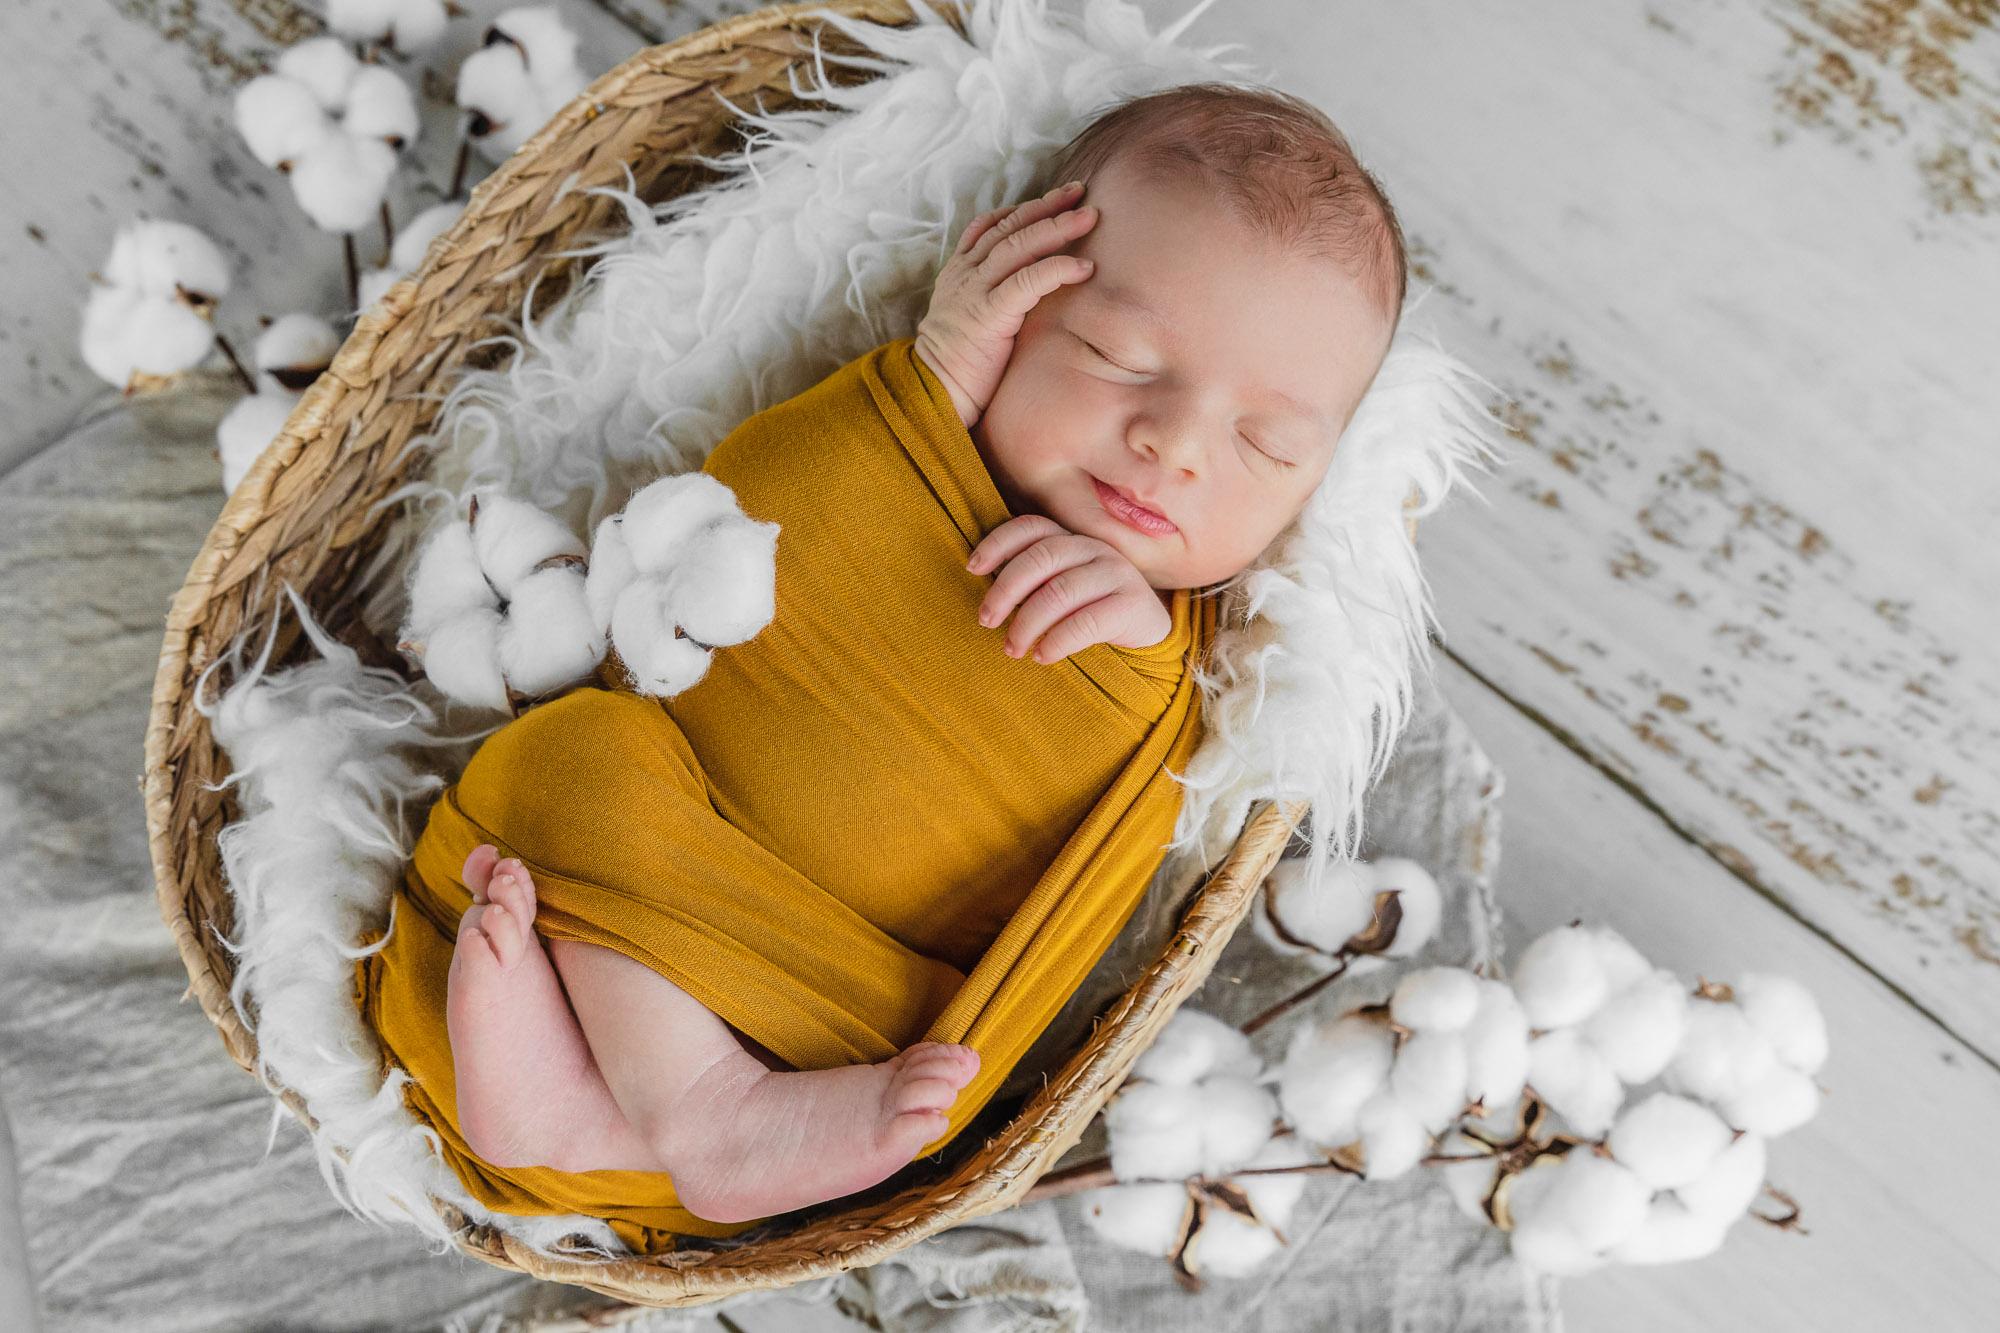 bébé endormi dans un panier en osier il souri dans son sommeil